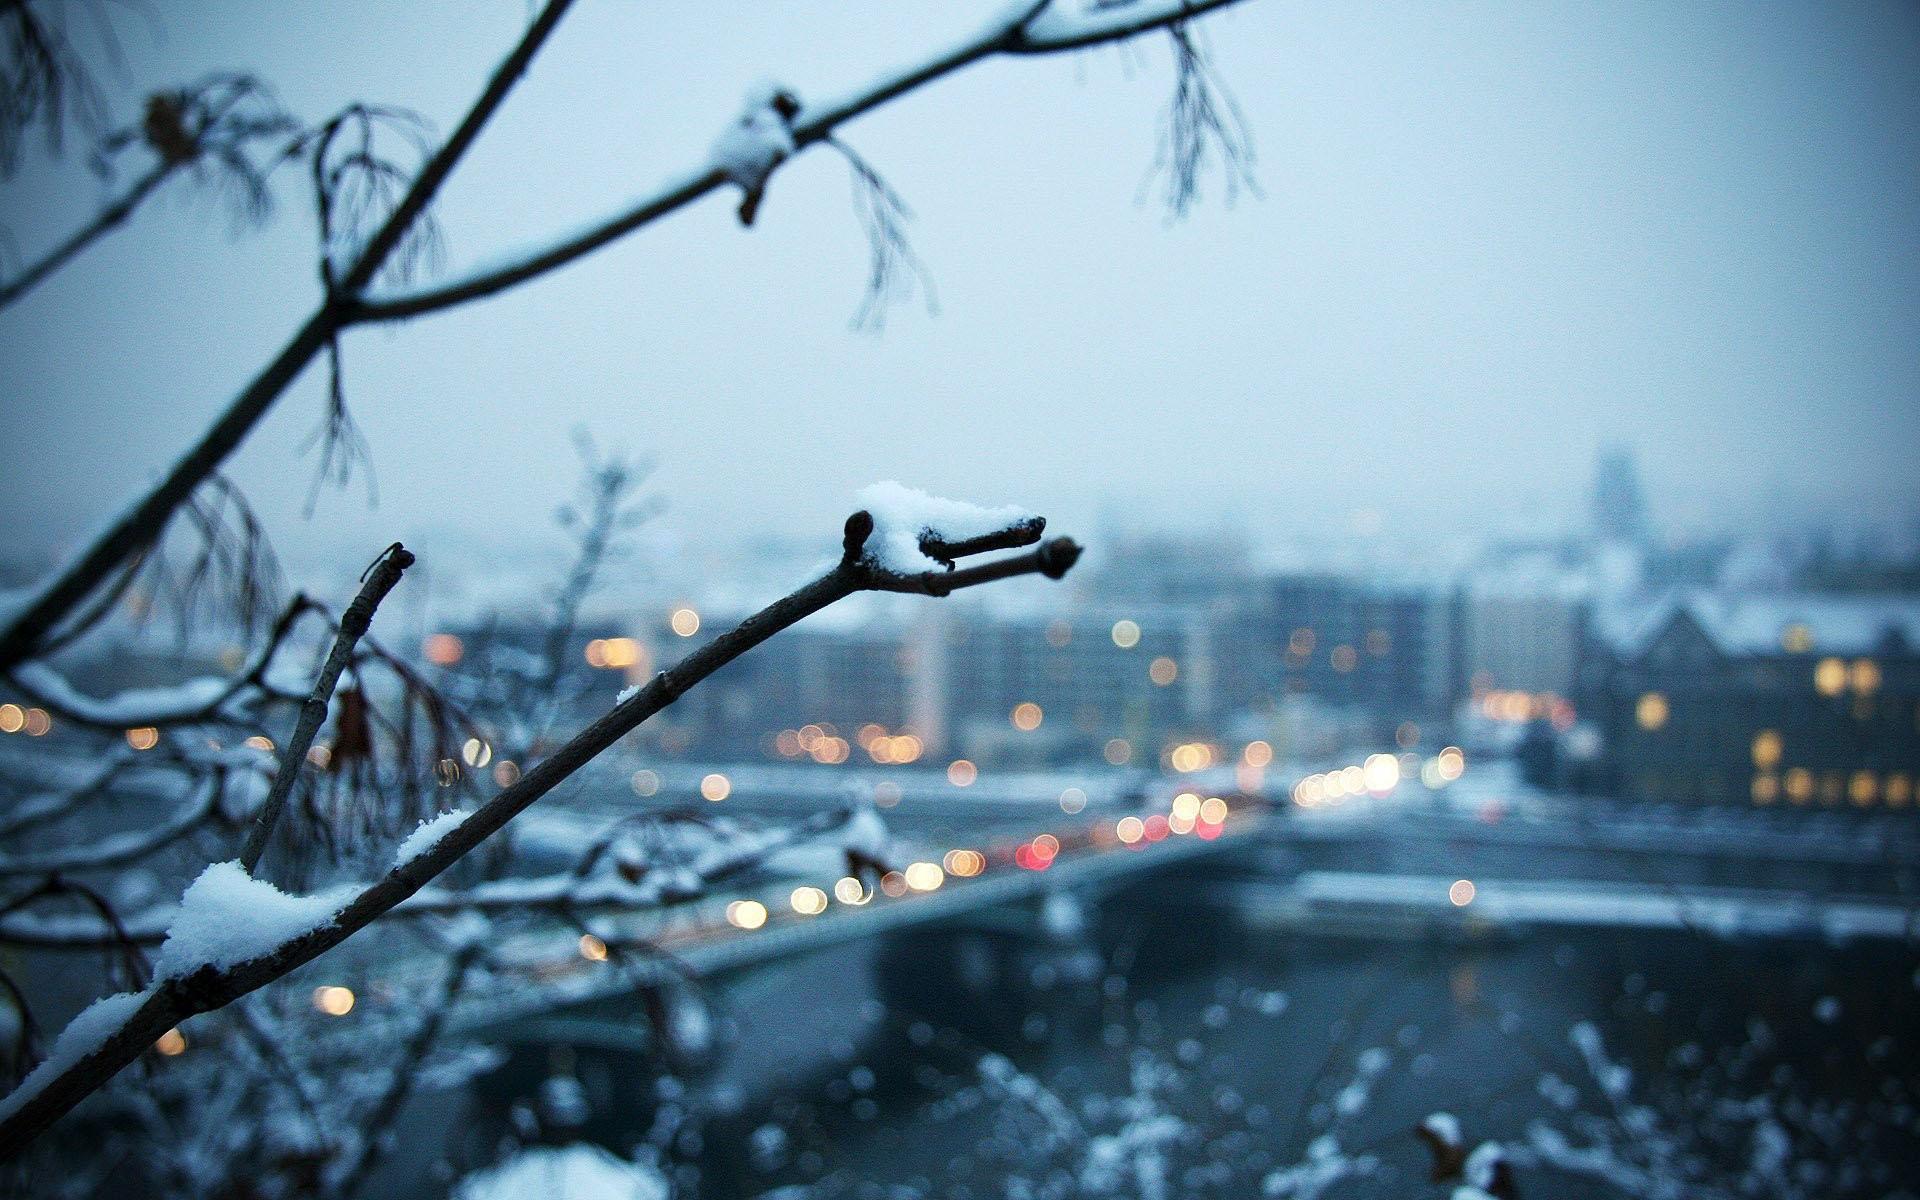 Hình nền mùa đông đẹp full hd